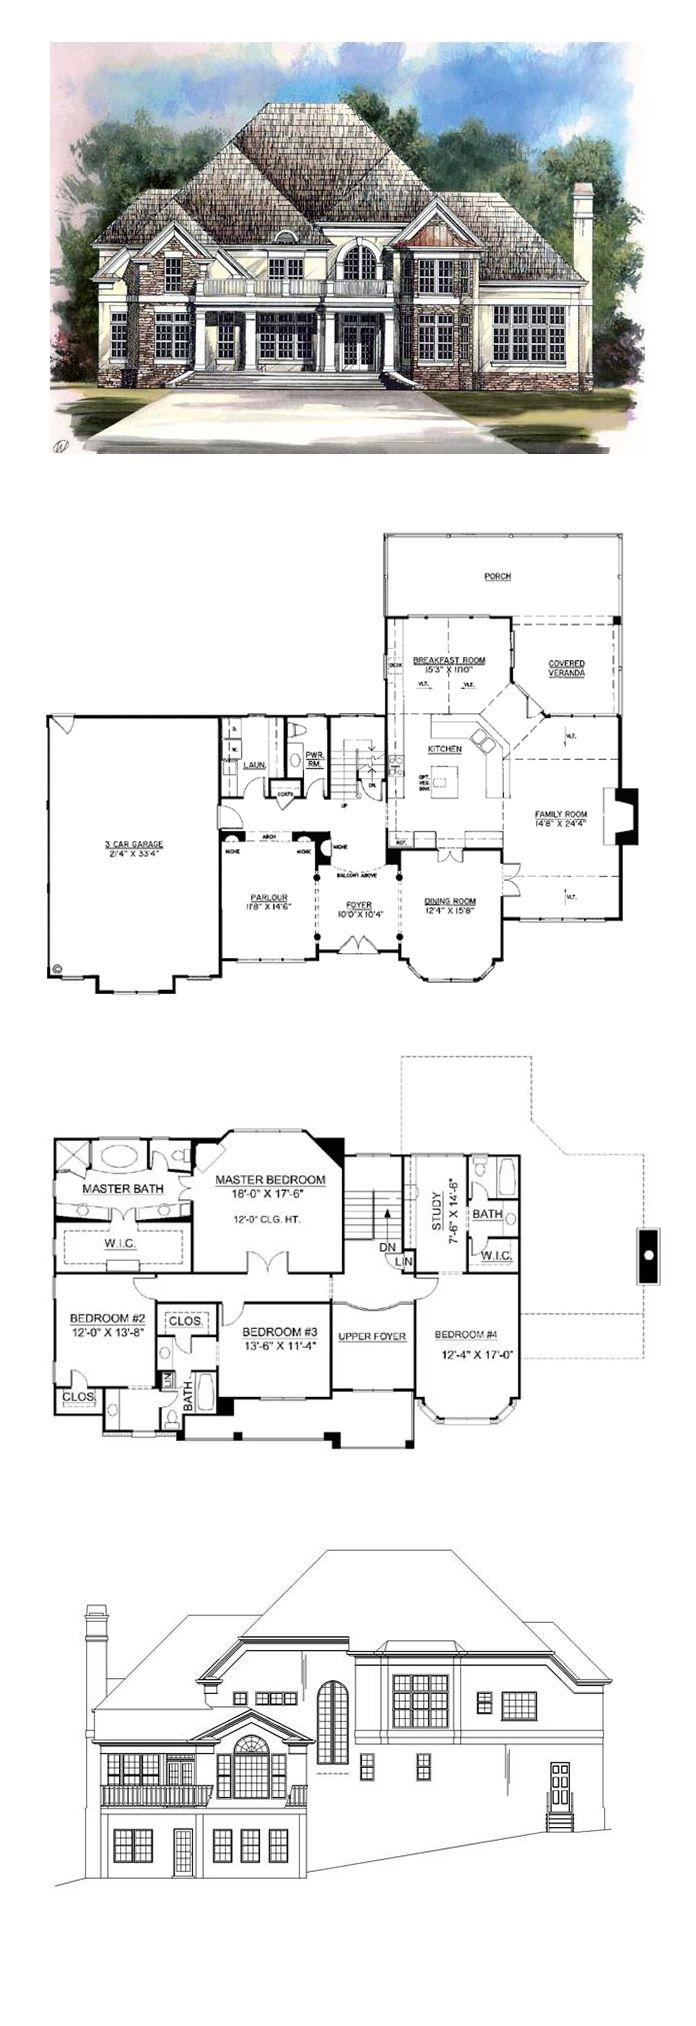 Tudor Style House Plan with 4 Bed 4 Bath 2 Car Garage